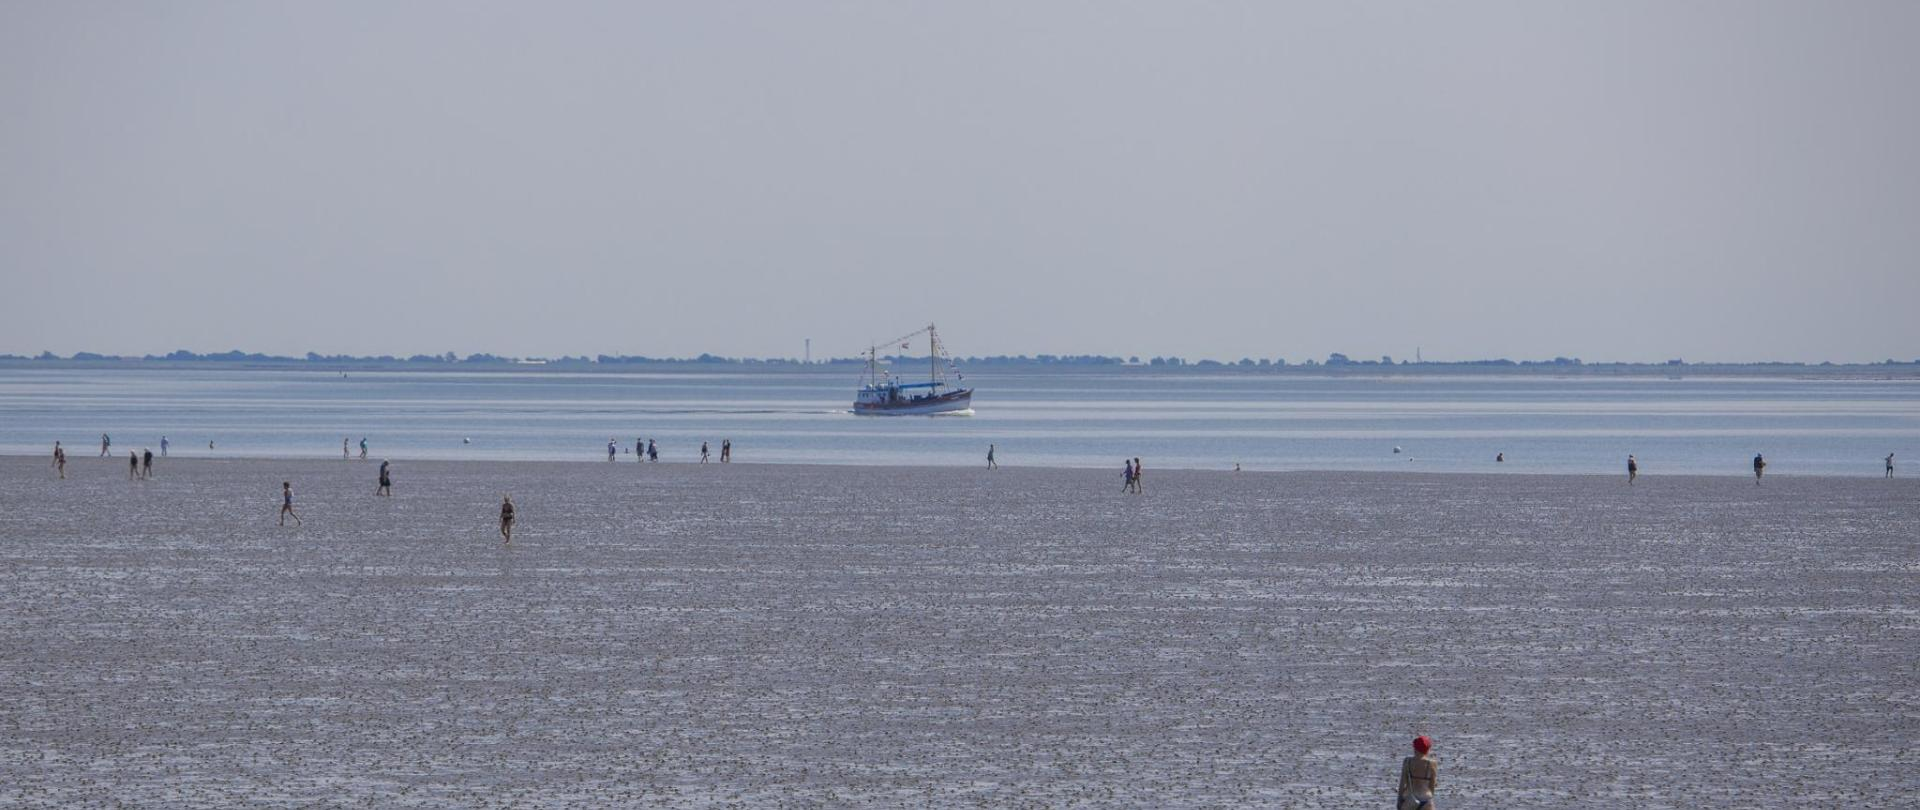 Büsum Perlebucht Wattenmeer.jpg